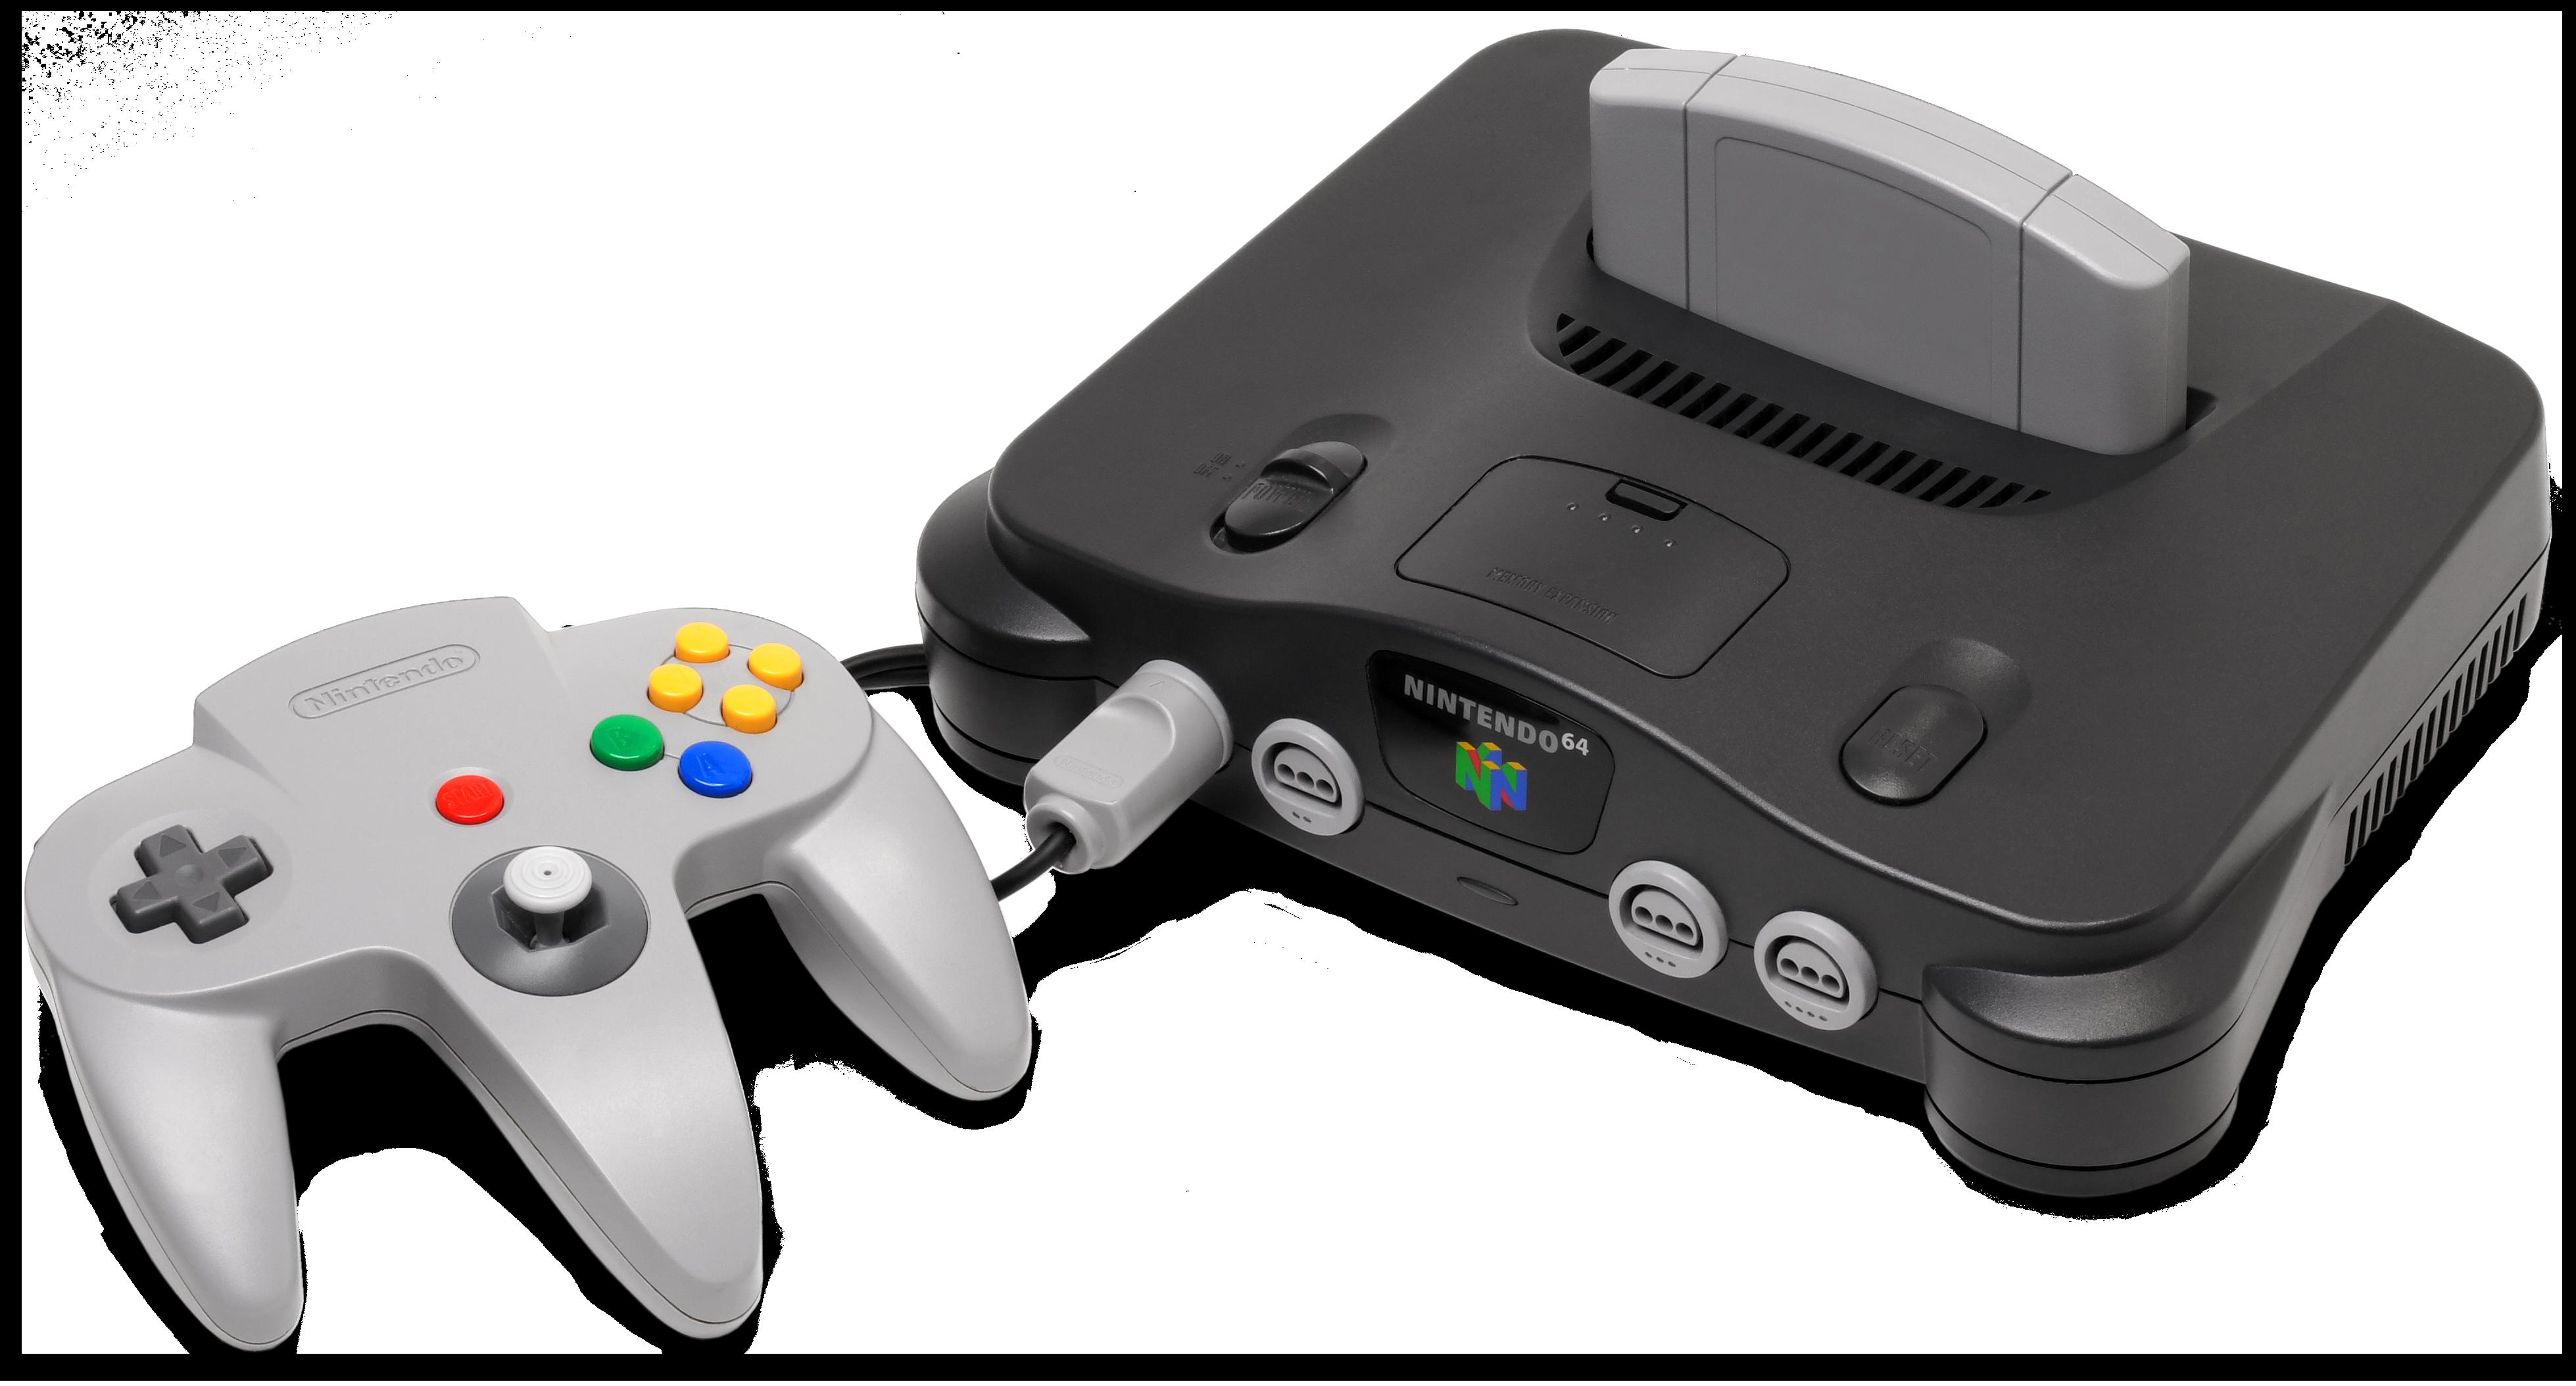 Nintendo 64 - Viquipèdia, l'enciclopèdia lliure